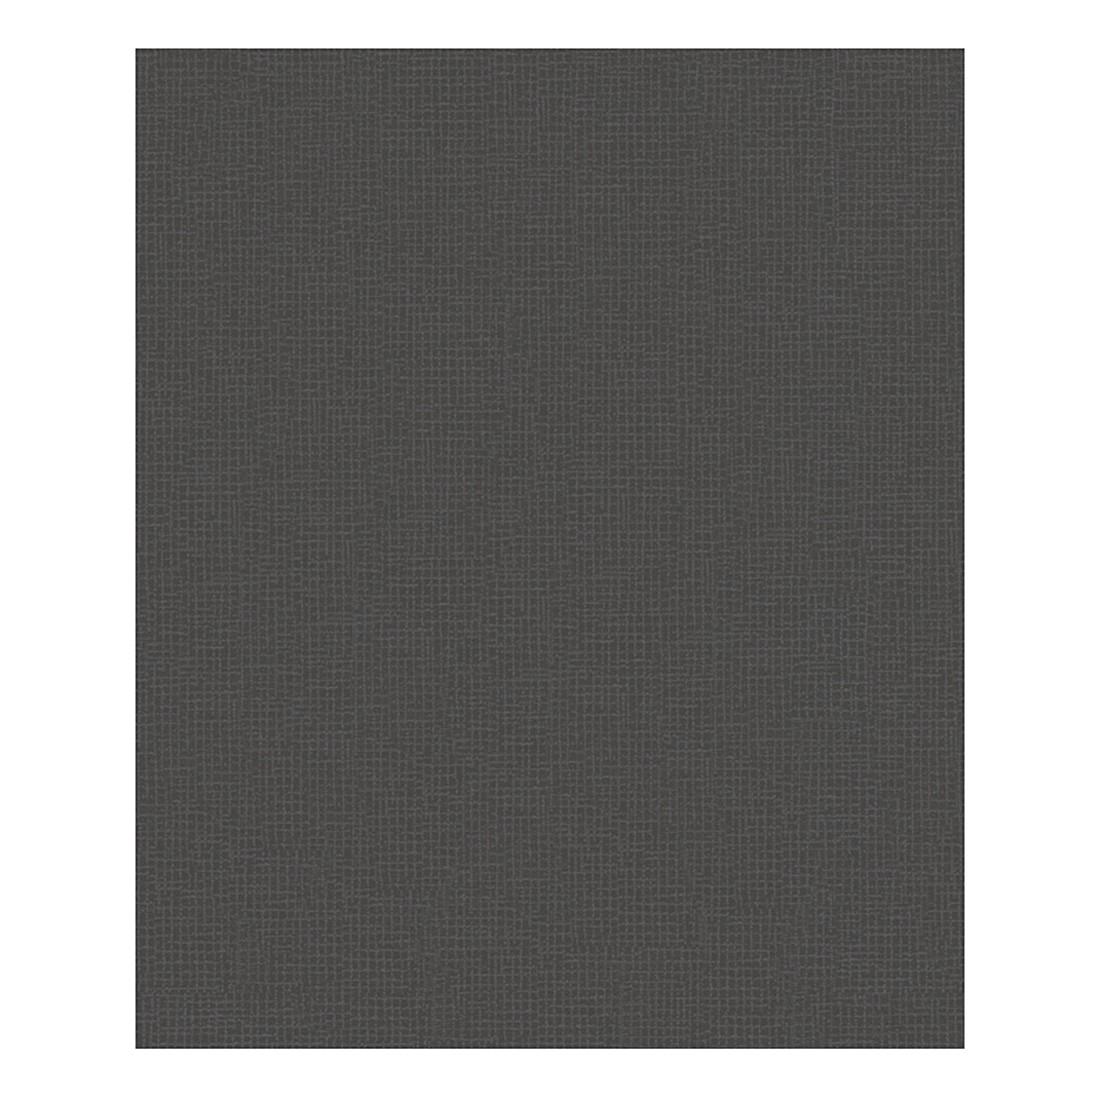 Vliestapete Streamline – schwarz – fein strukturiert, Livingwalls günstig